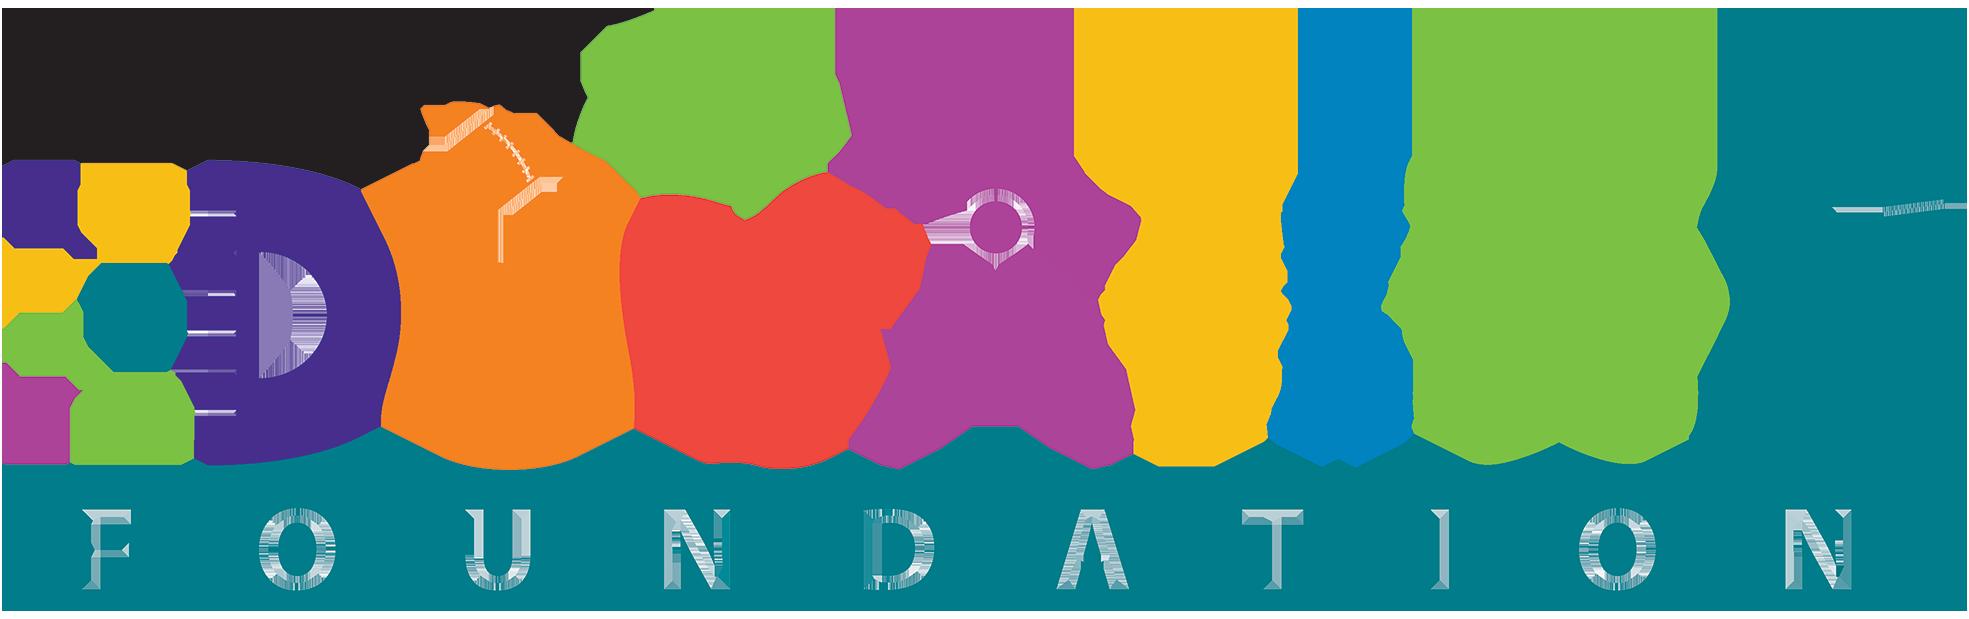 SmallColor-full-logo.png